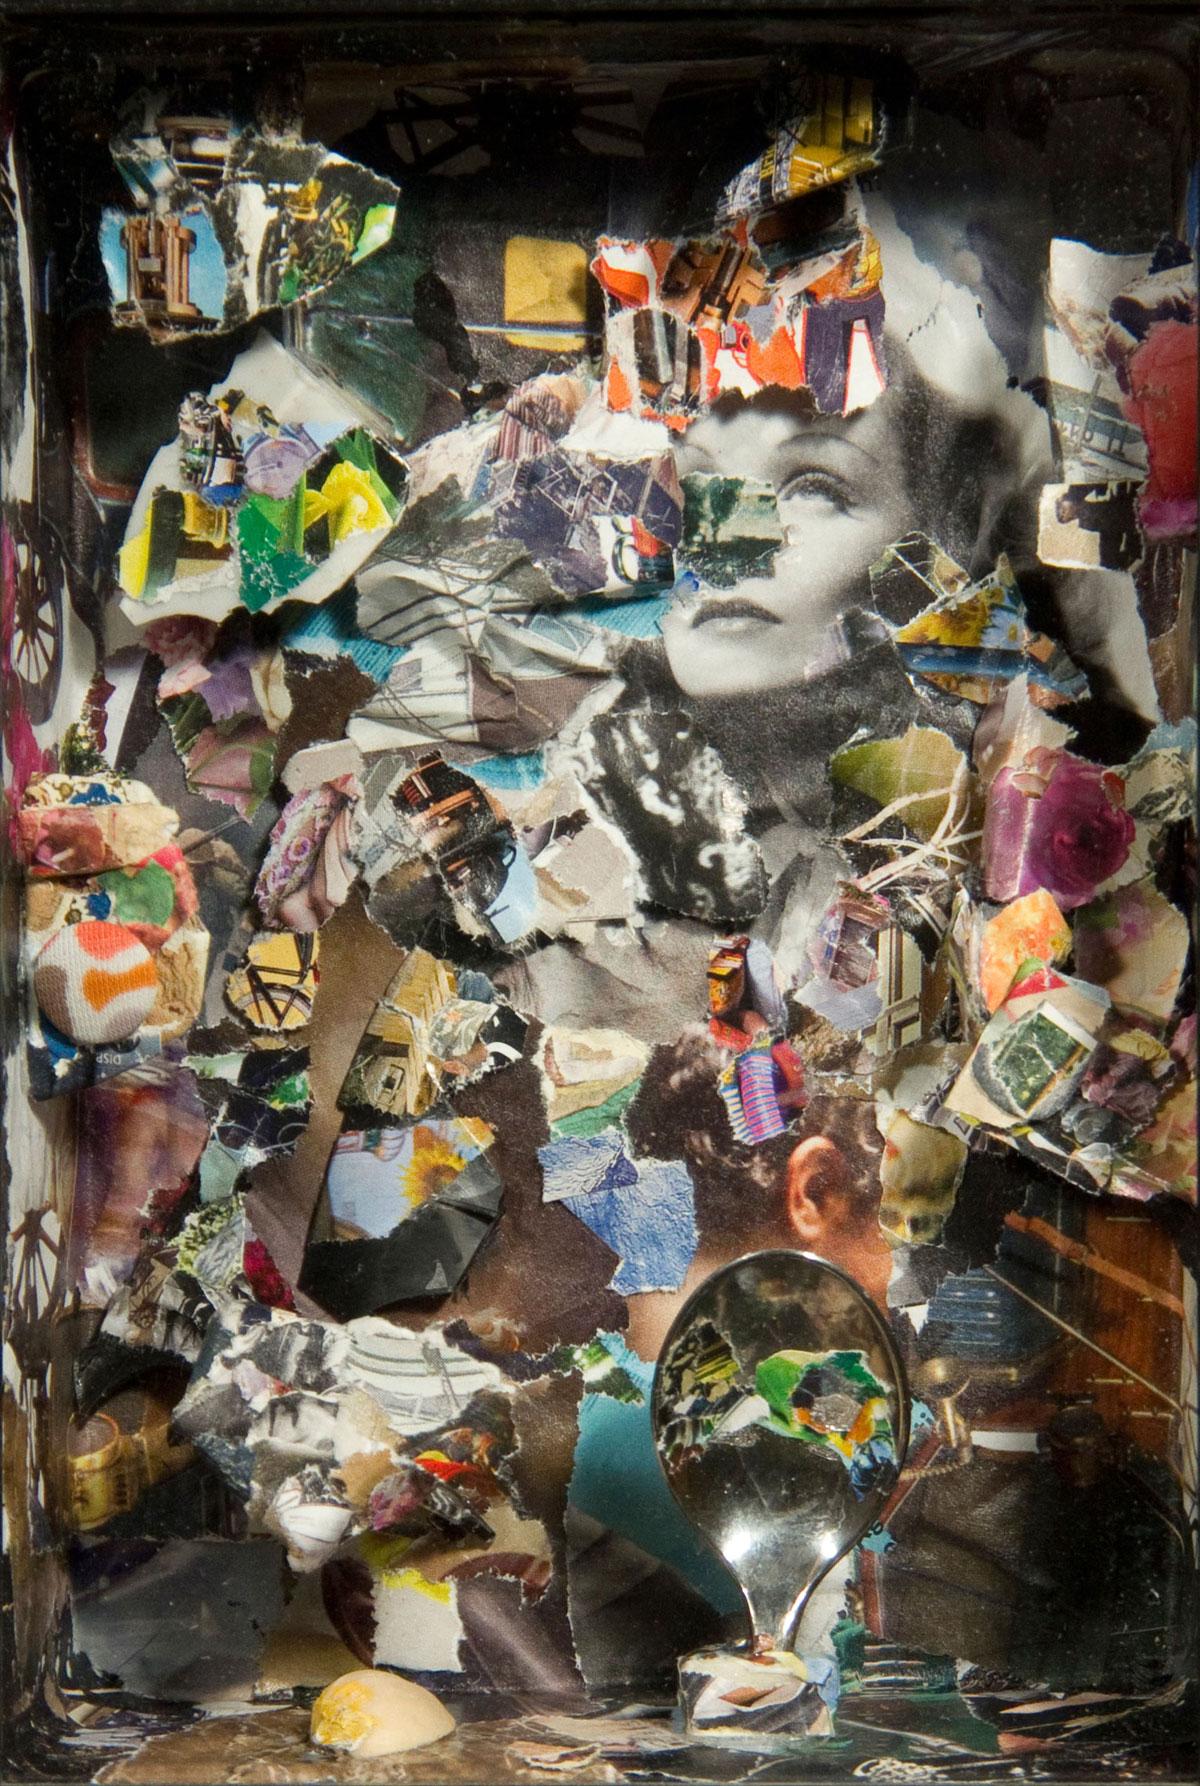 Philippe Briard - Le Bleu d'un lieu ouvert, 2010, collage, 19 x 13 cm